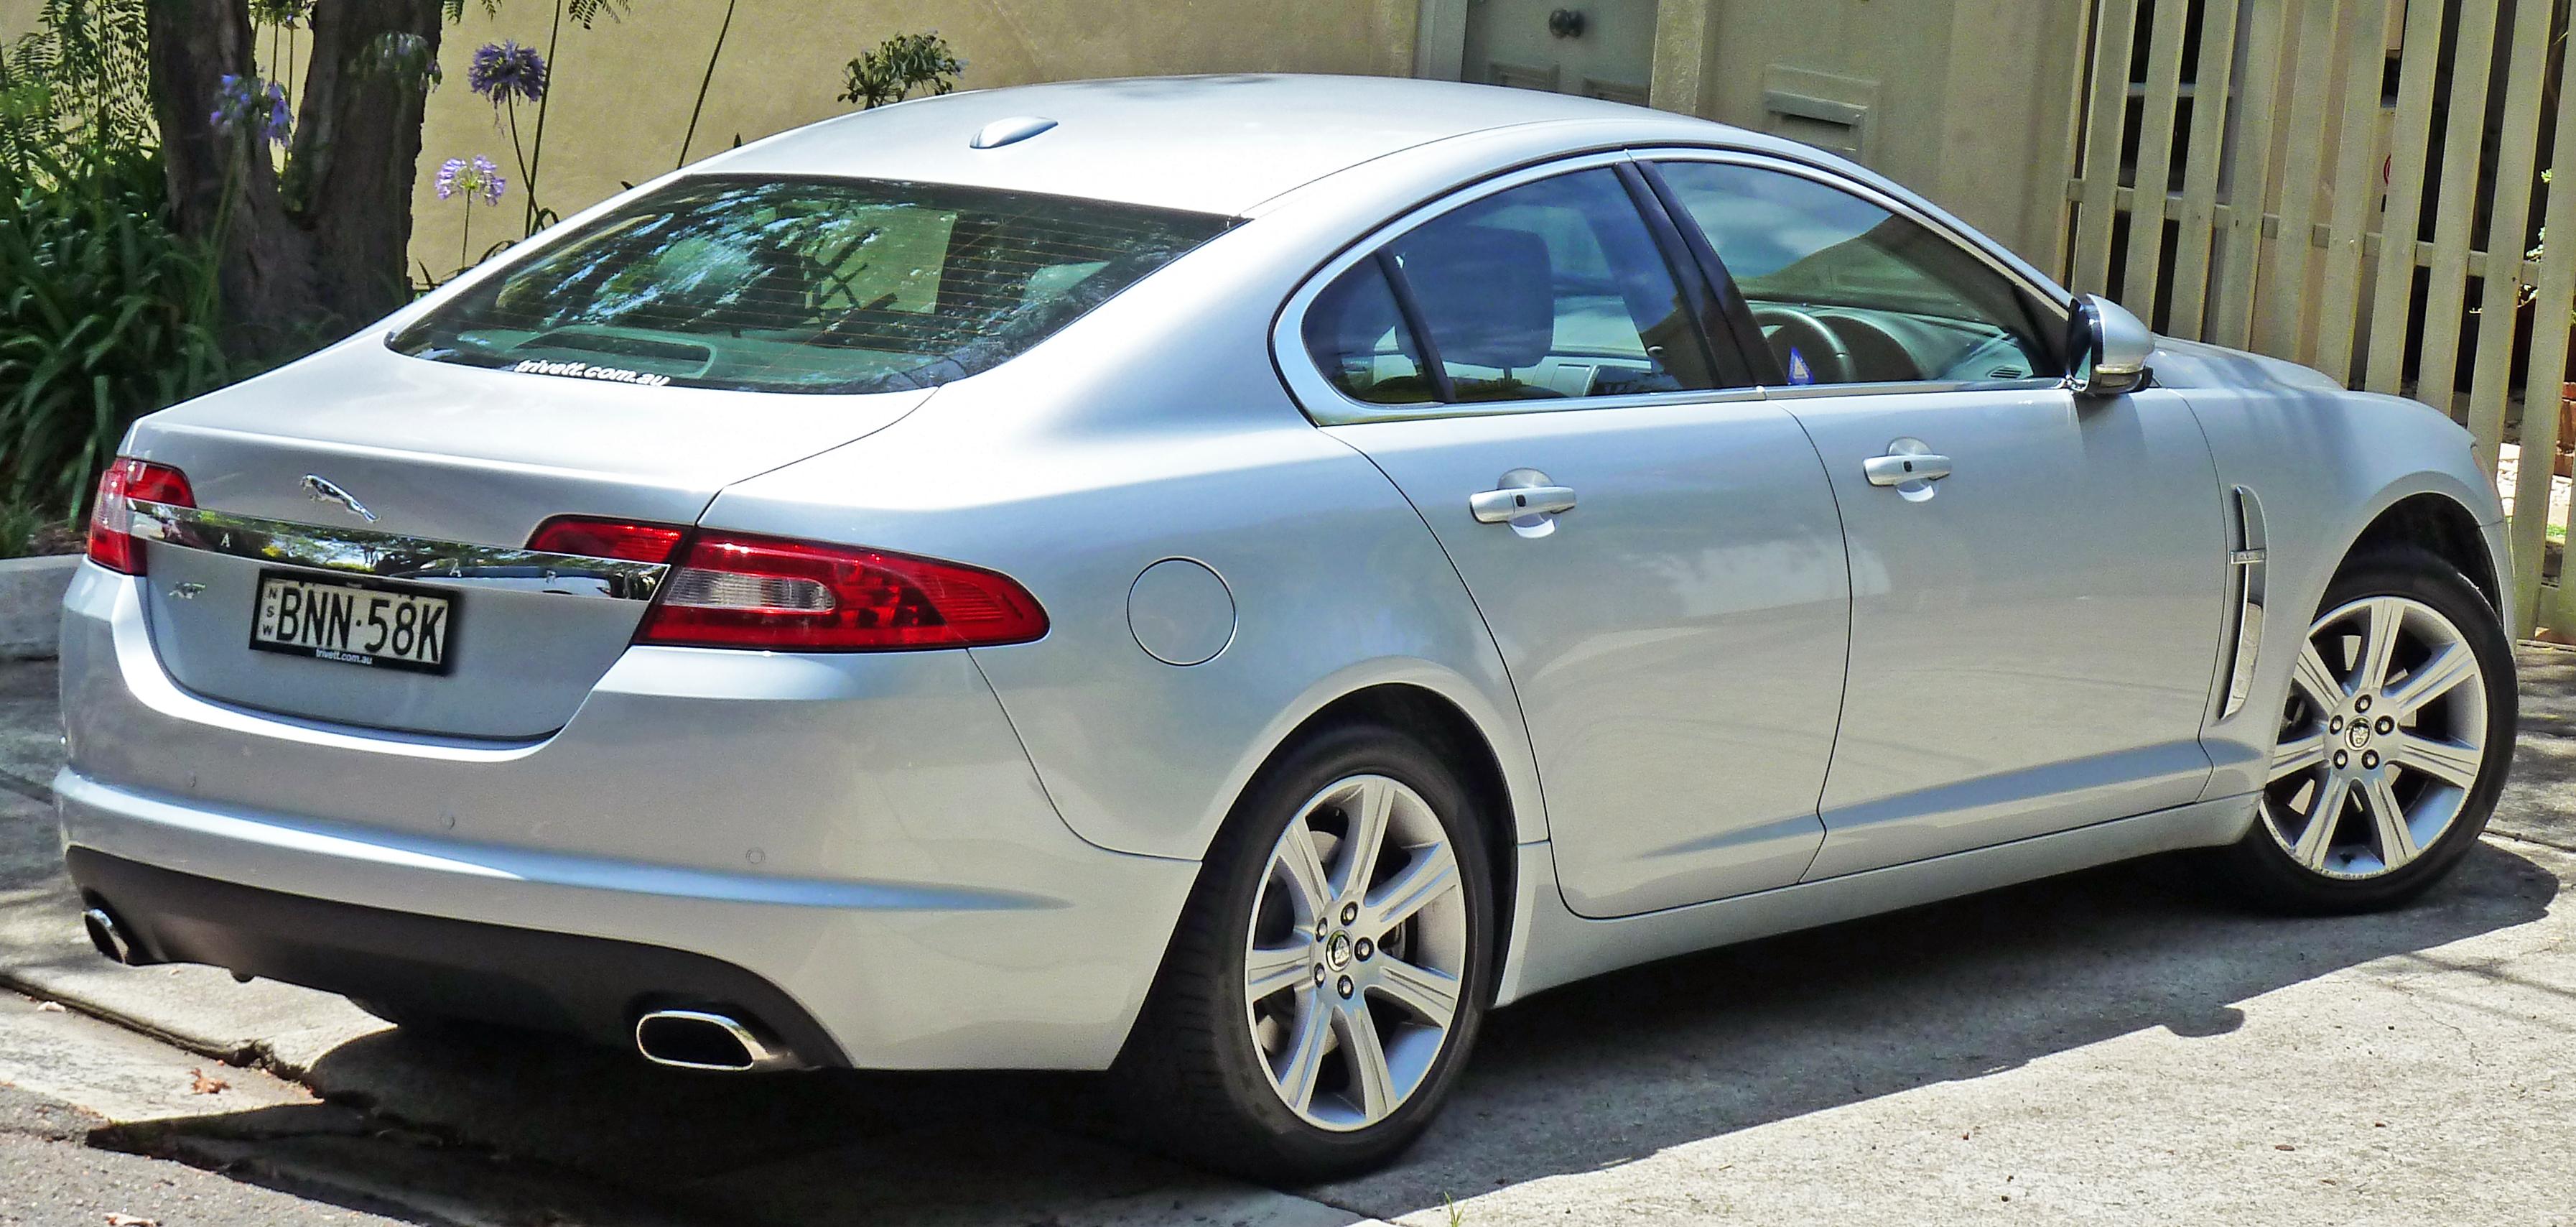 File:2009-2010 Jaguar XF (X250 MY10) Luxury sedan (2011-01 ...